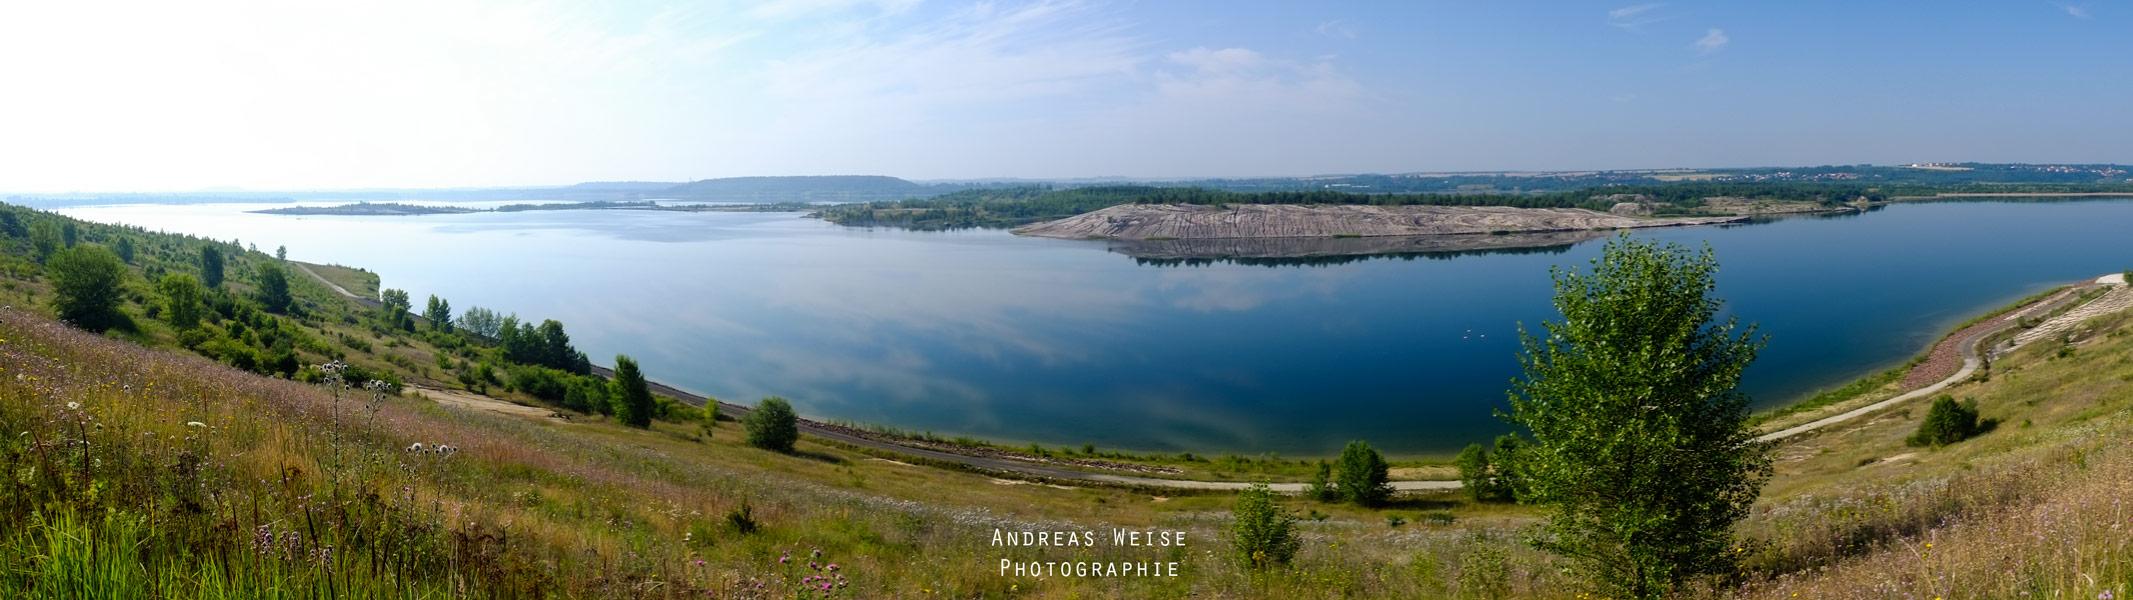 Blick auf den See vom Nordufer